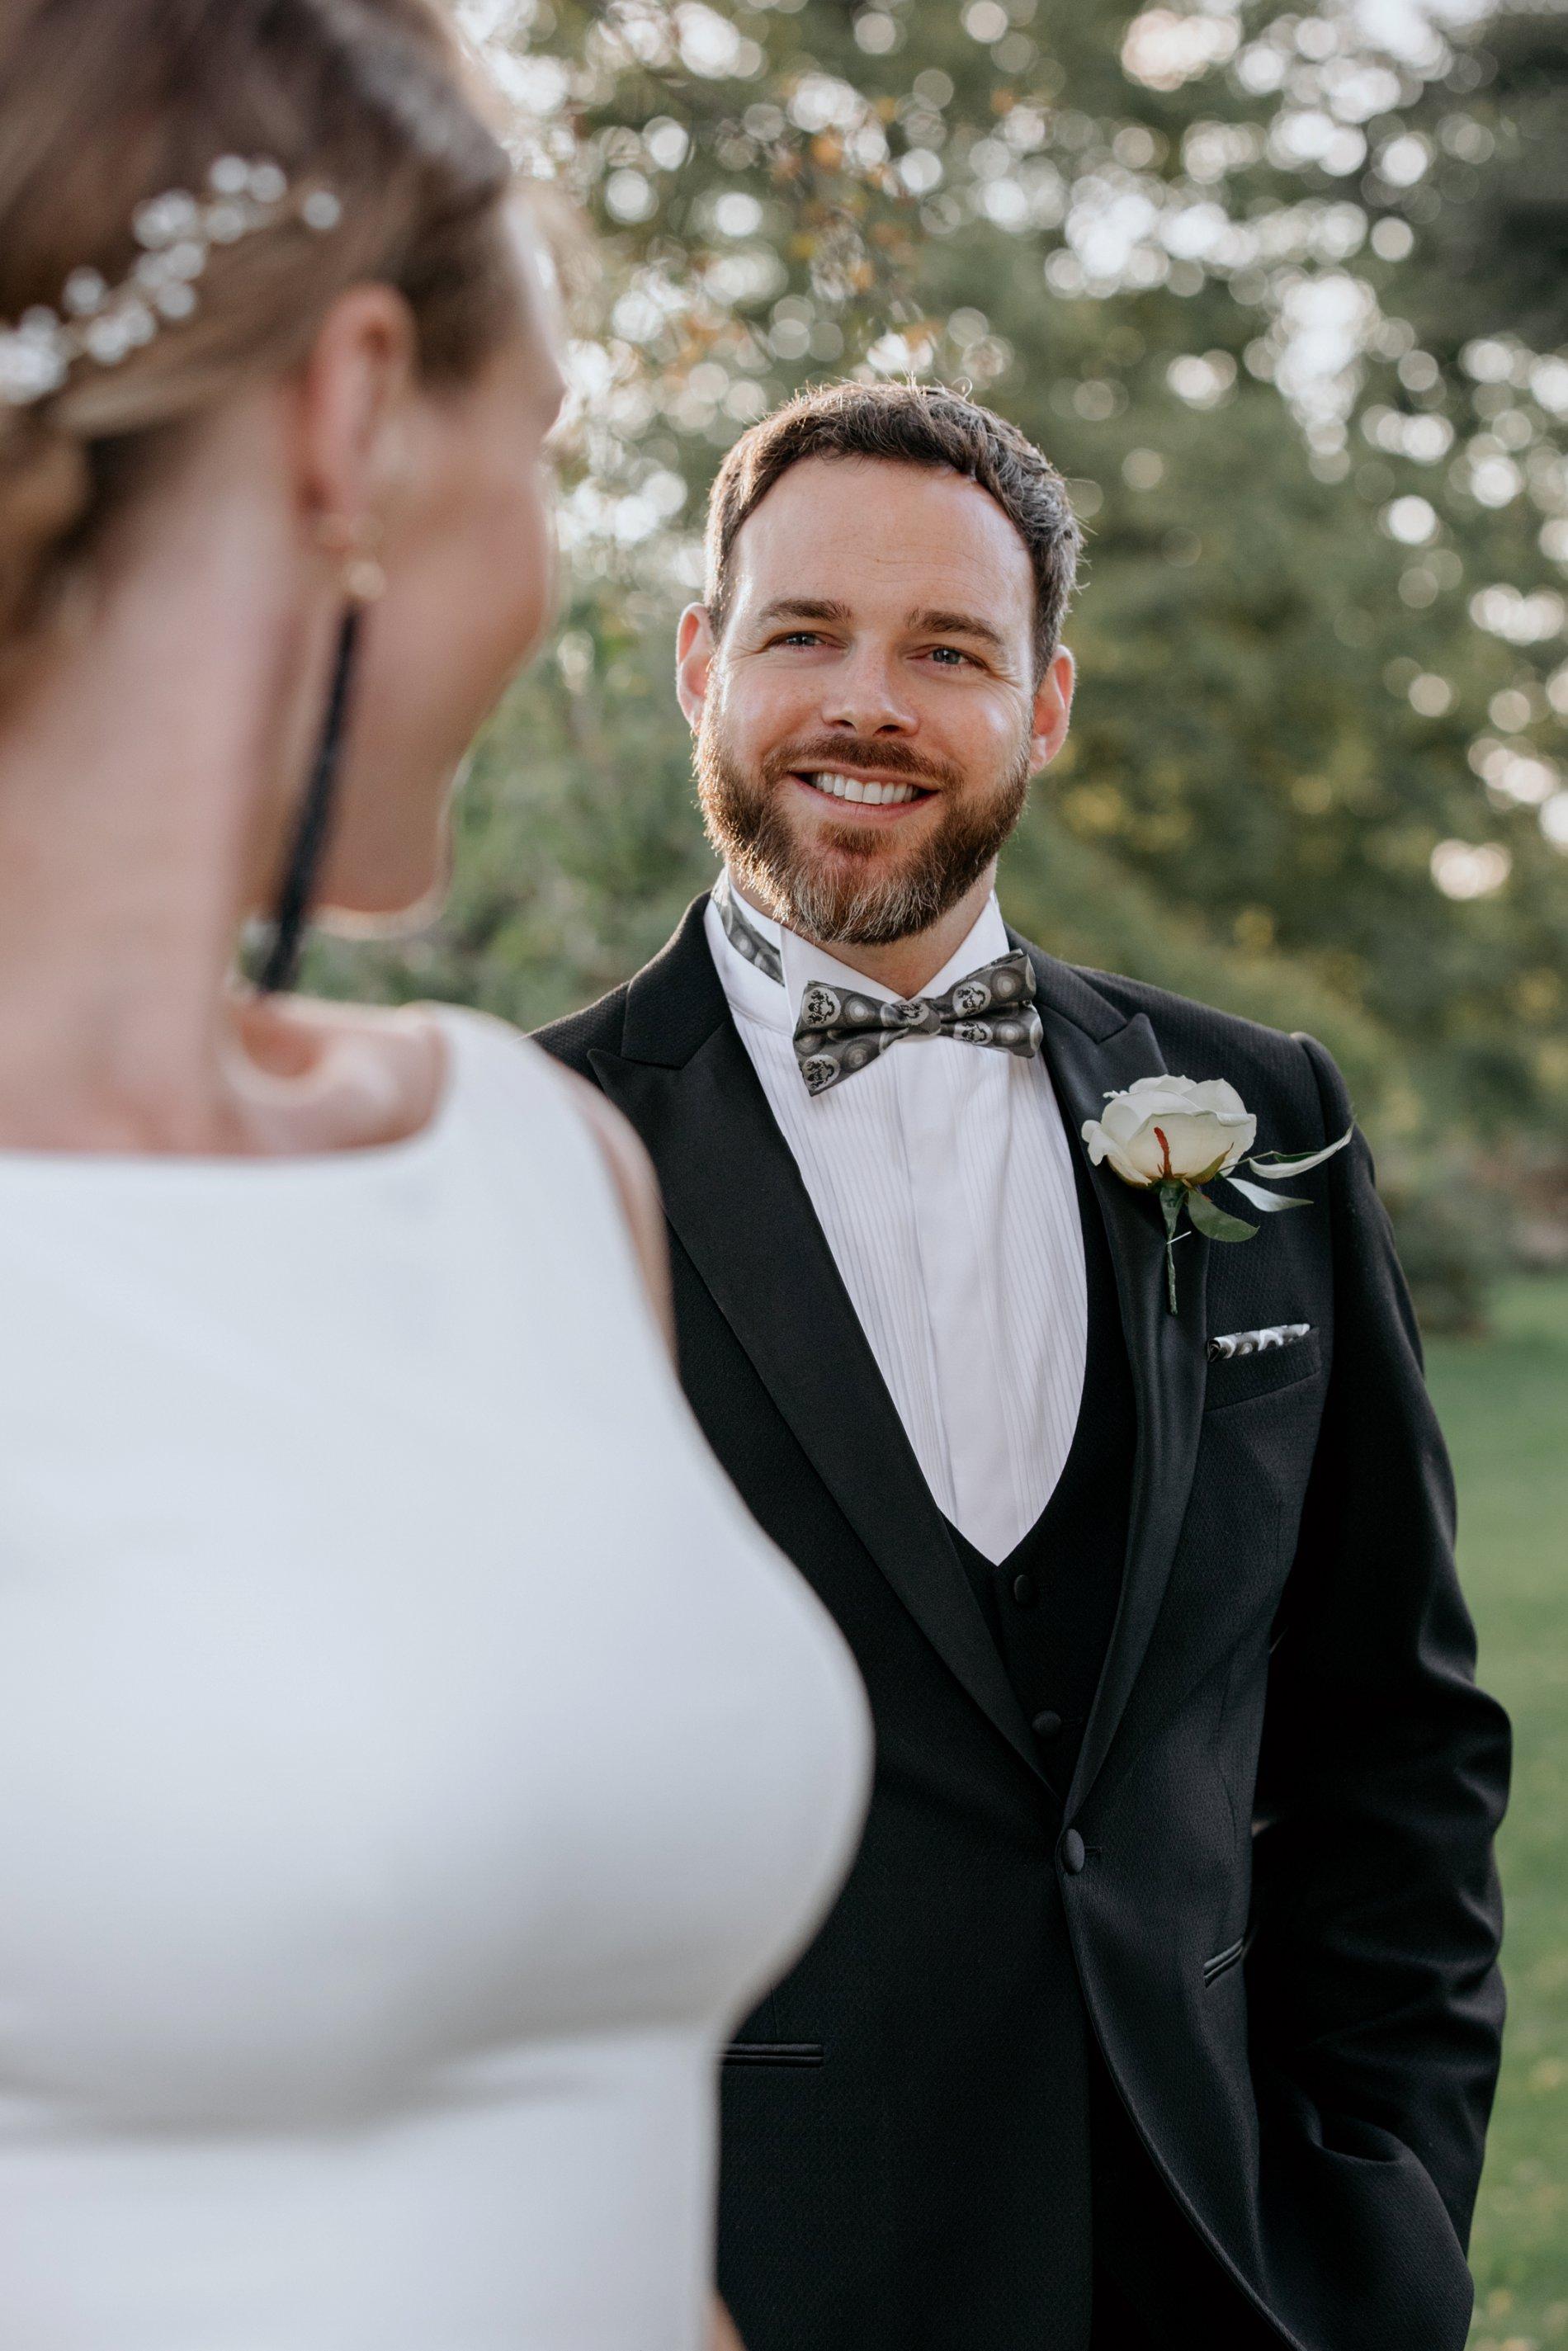 An Elegant Wedding Shoot at Jervaulx Abbey (c) Natalie Hamilton Photography (71)